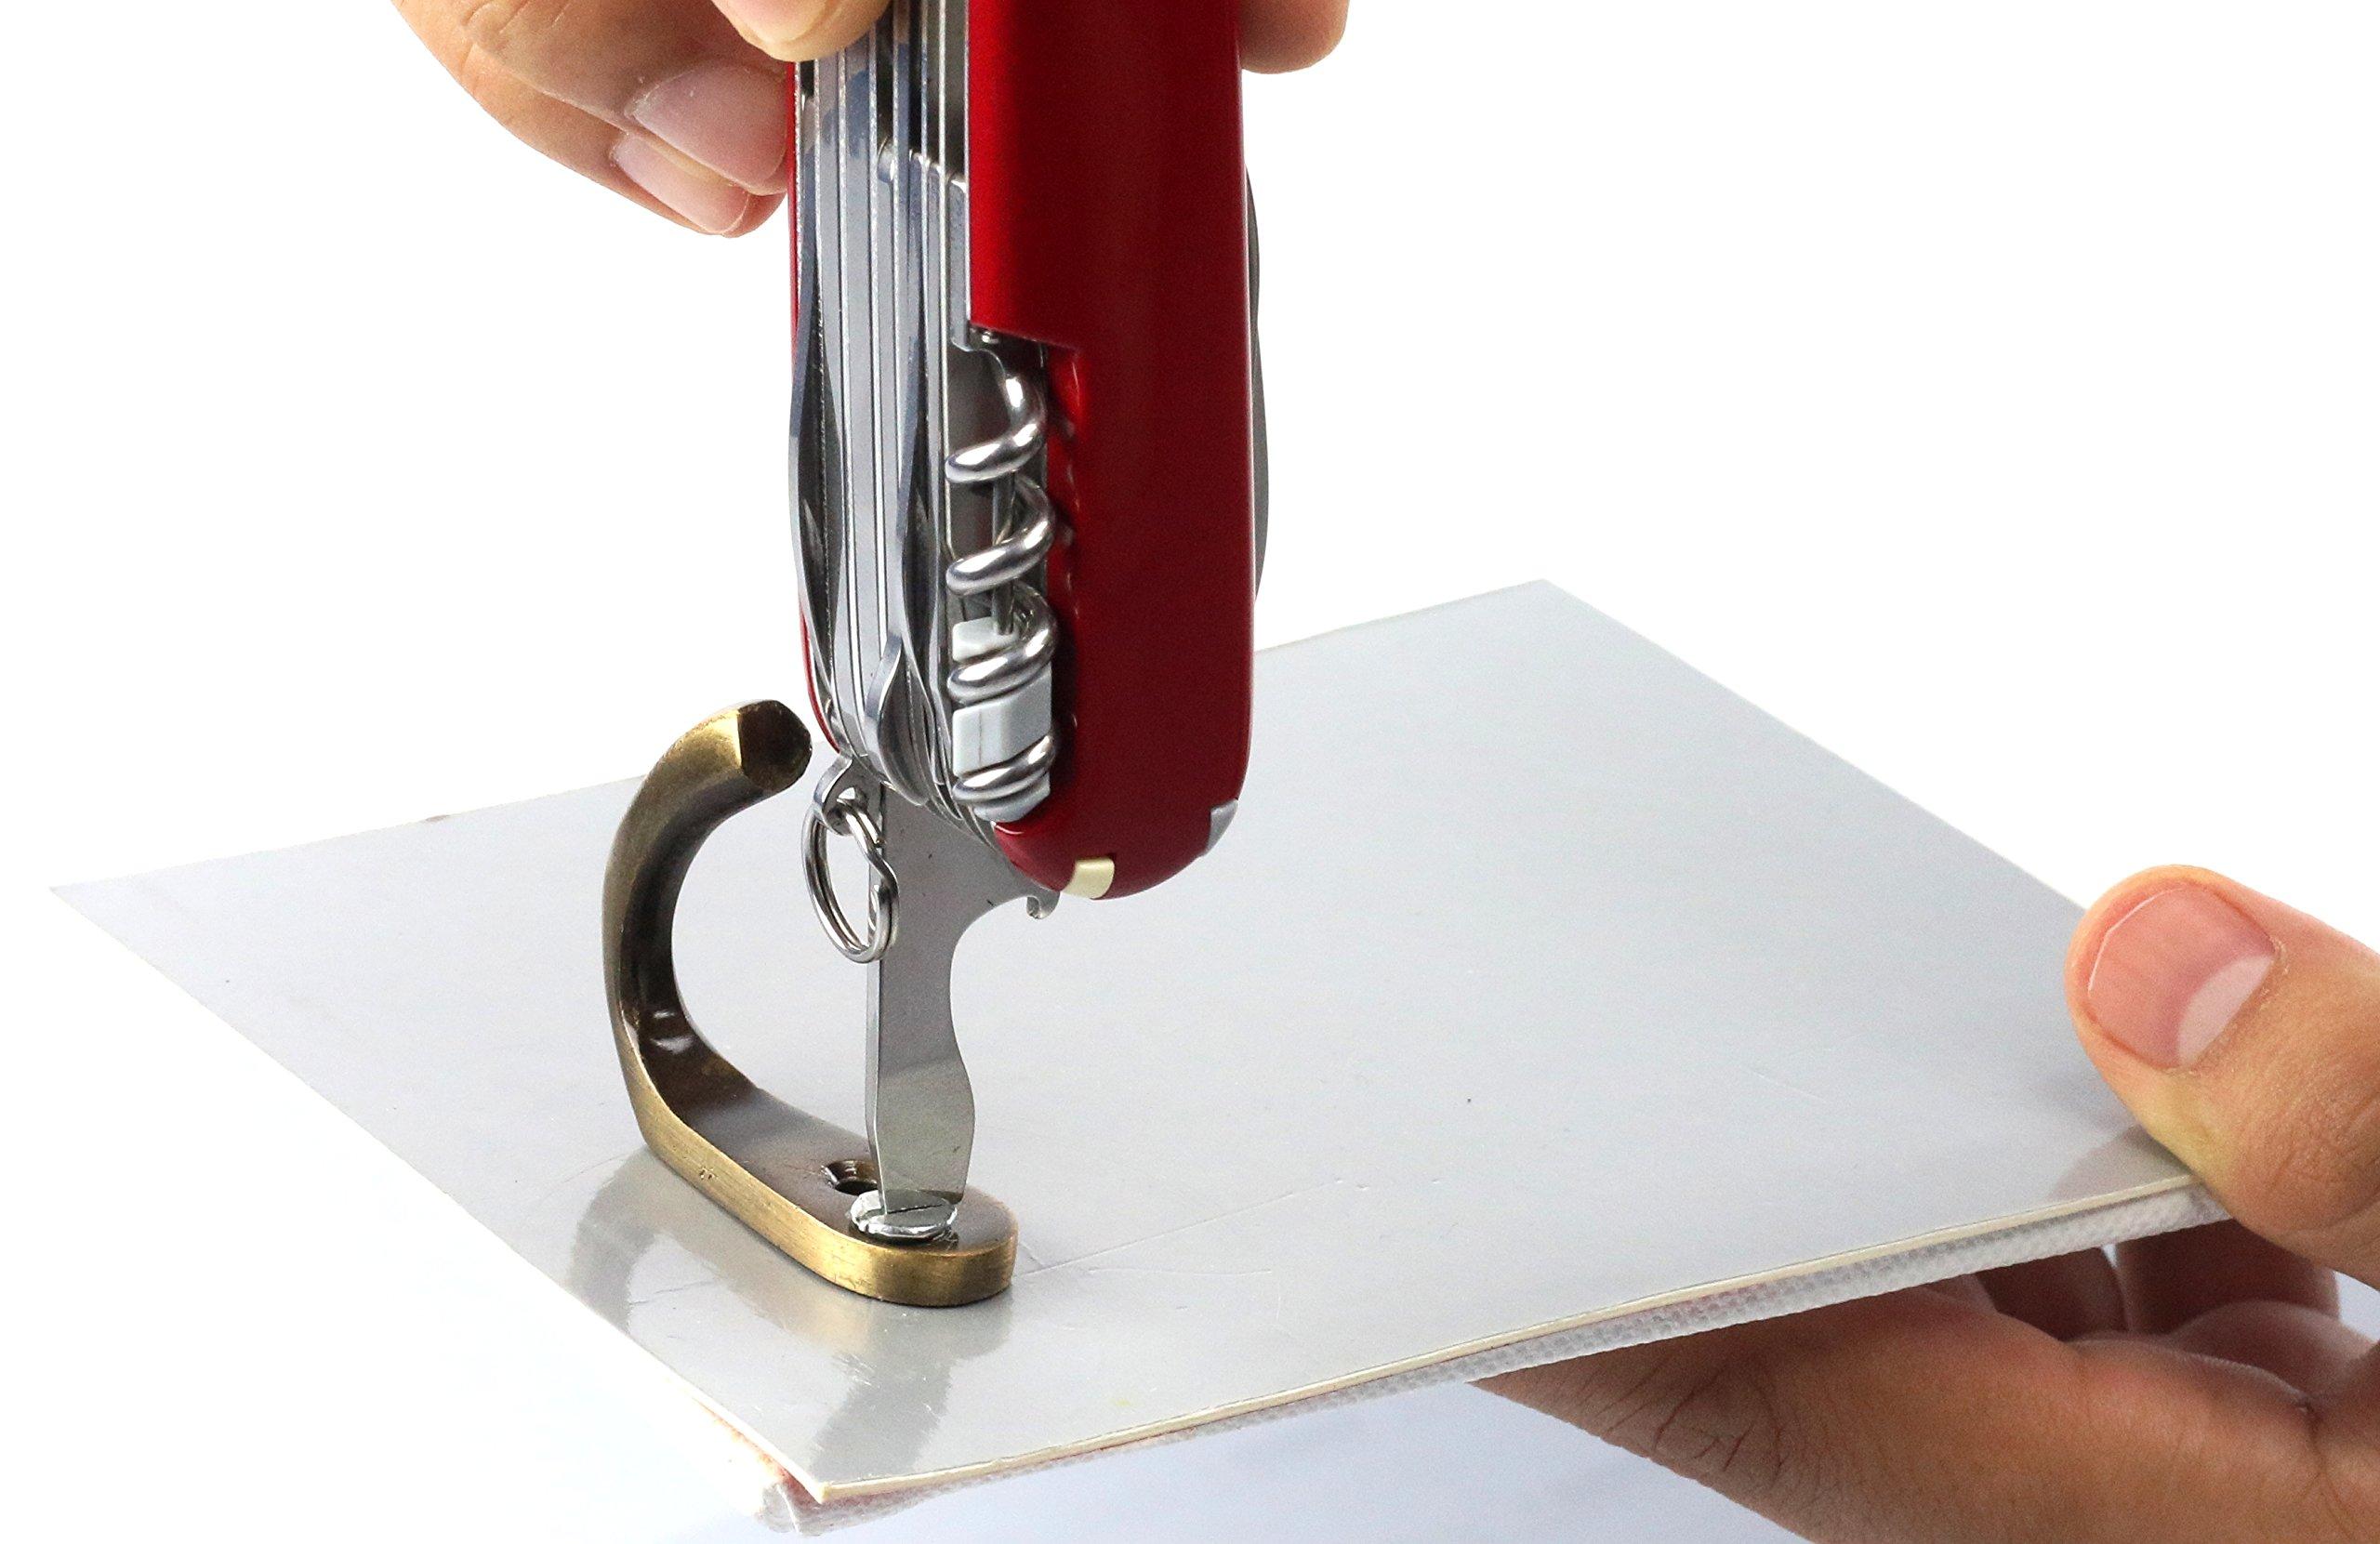 Victorinox Taschenwerkzeug Offiziersmesser Swiss Champ Rot Swisschamp Officer's Knife, Red, 91mm 15